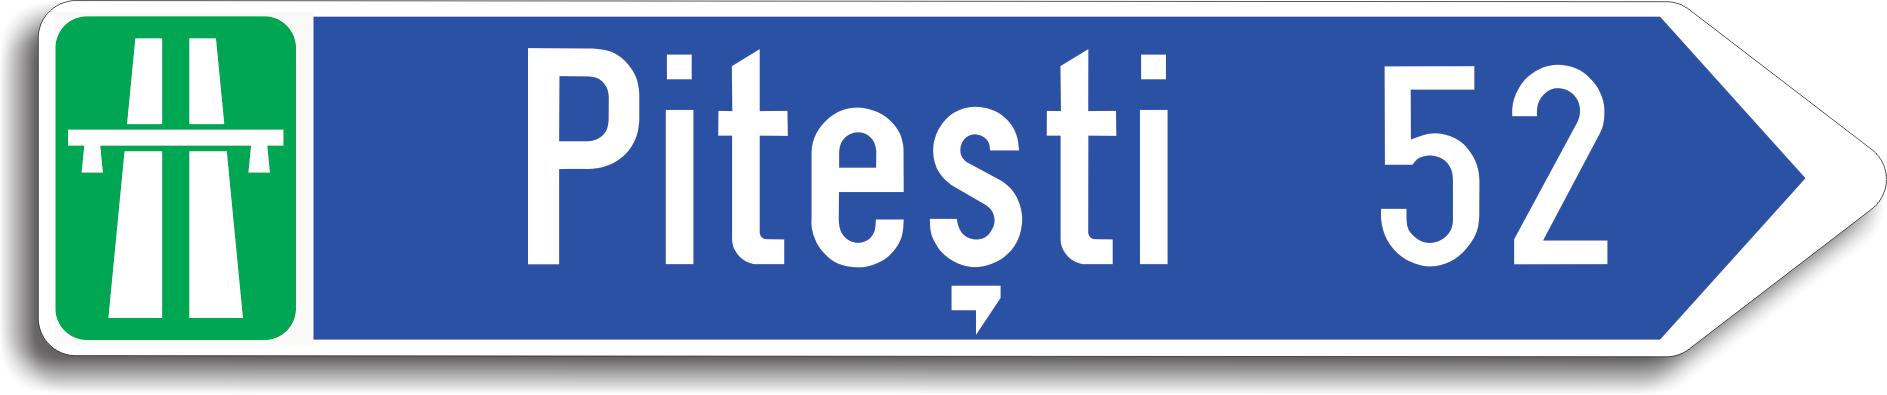 Se amplaseaza in intersectii pentru a informa conducatorii auto asupra directiei pe care trebuie sa o urmeze pentru a ajunge la localitatea inscriptionata pe indicator.